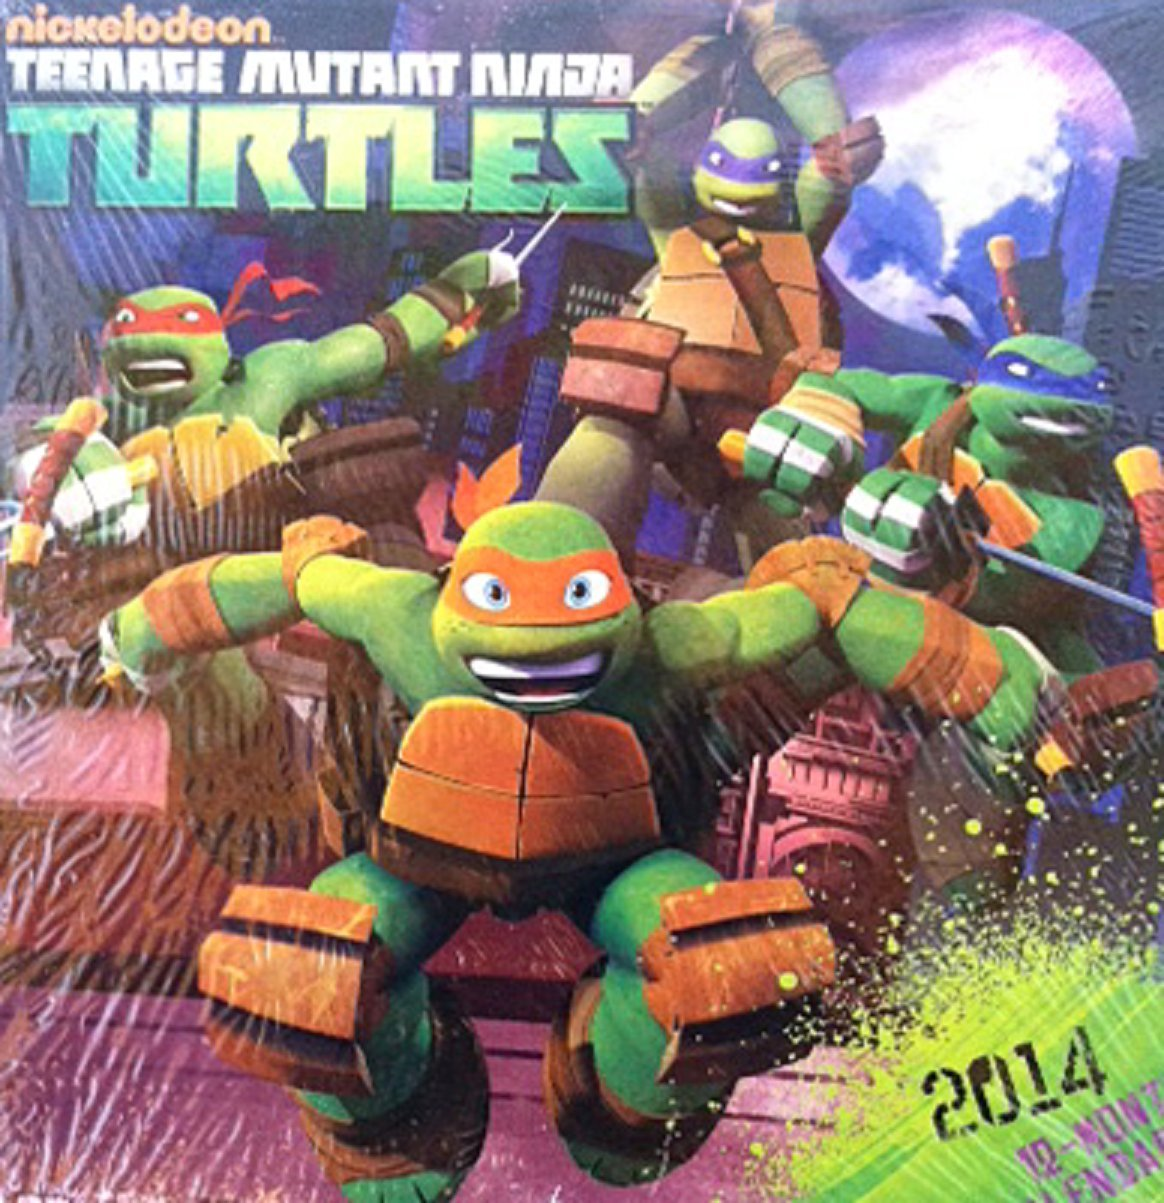 Teenage Mutant Ninja Turtles Wall Calendar - 2014 - 10